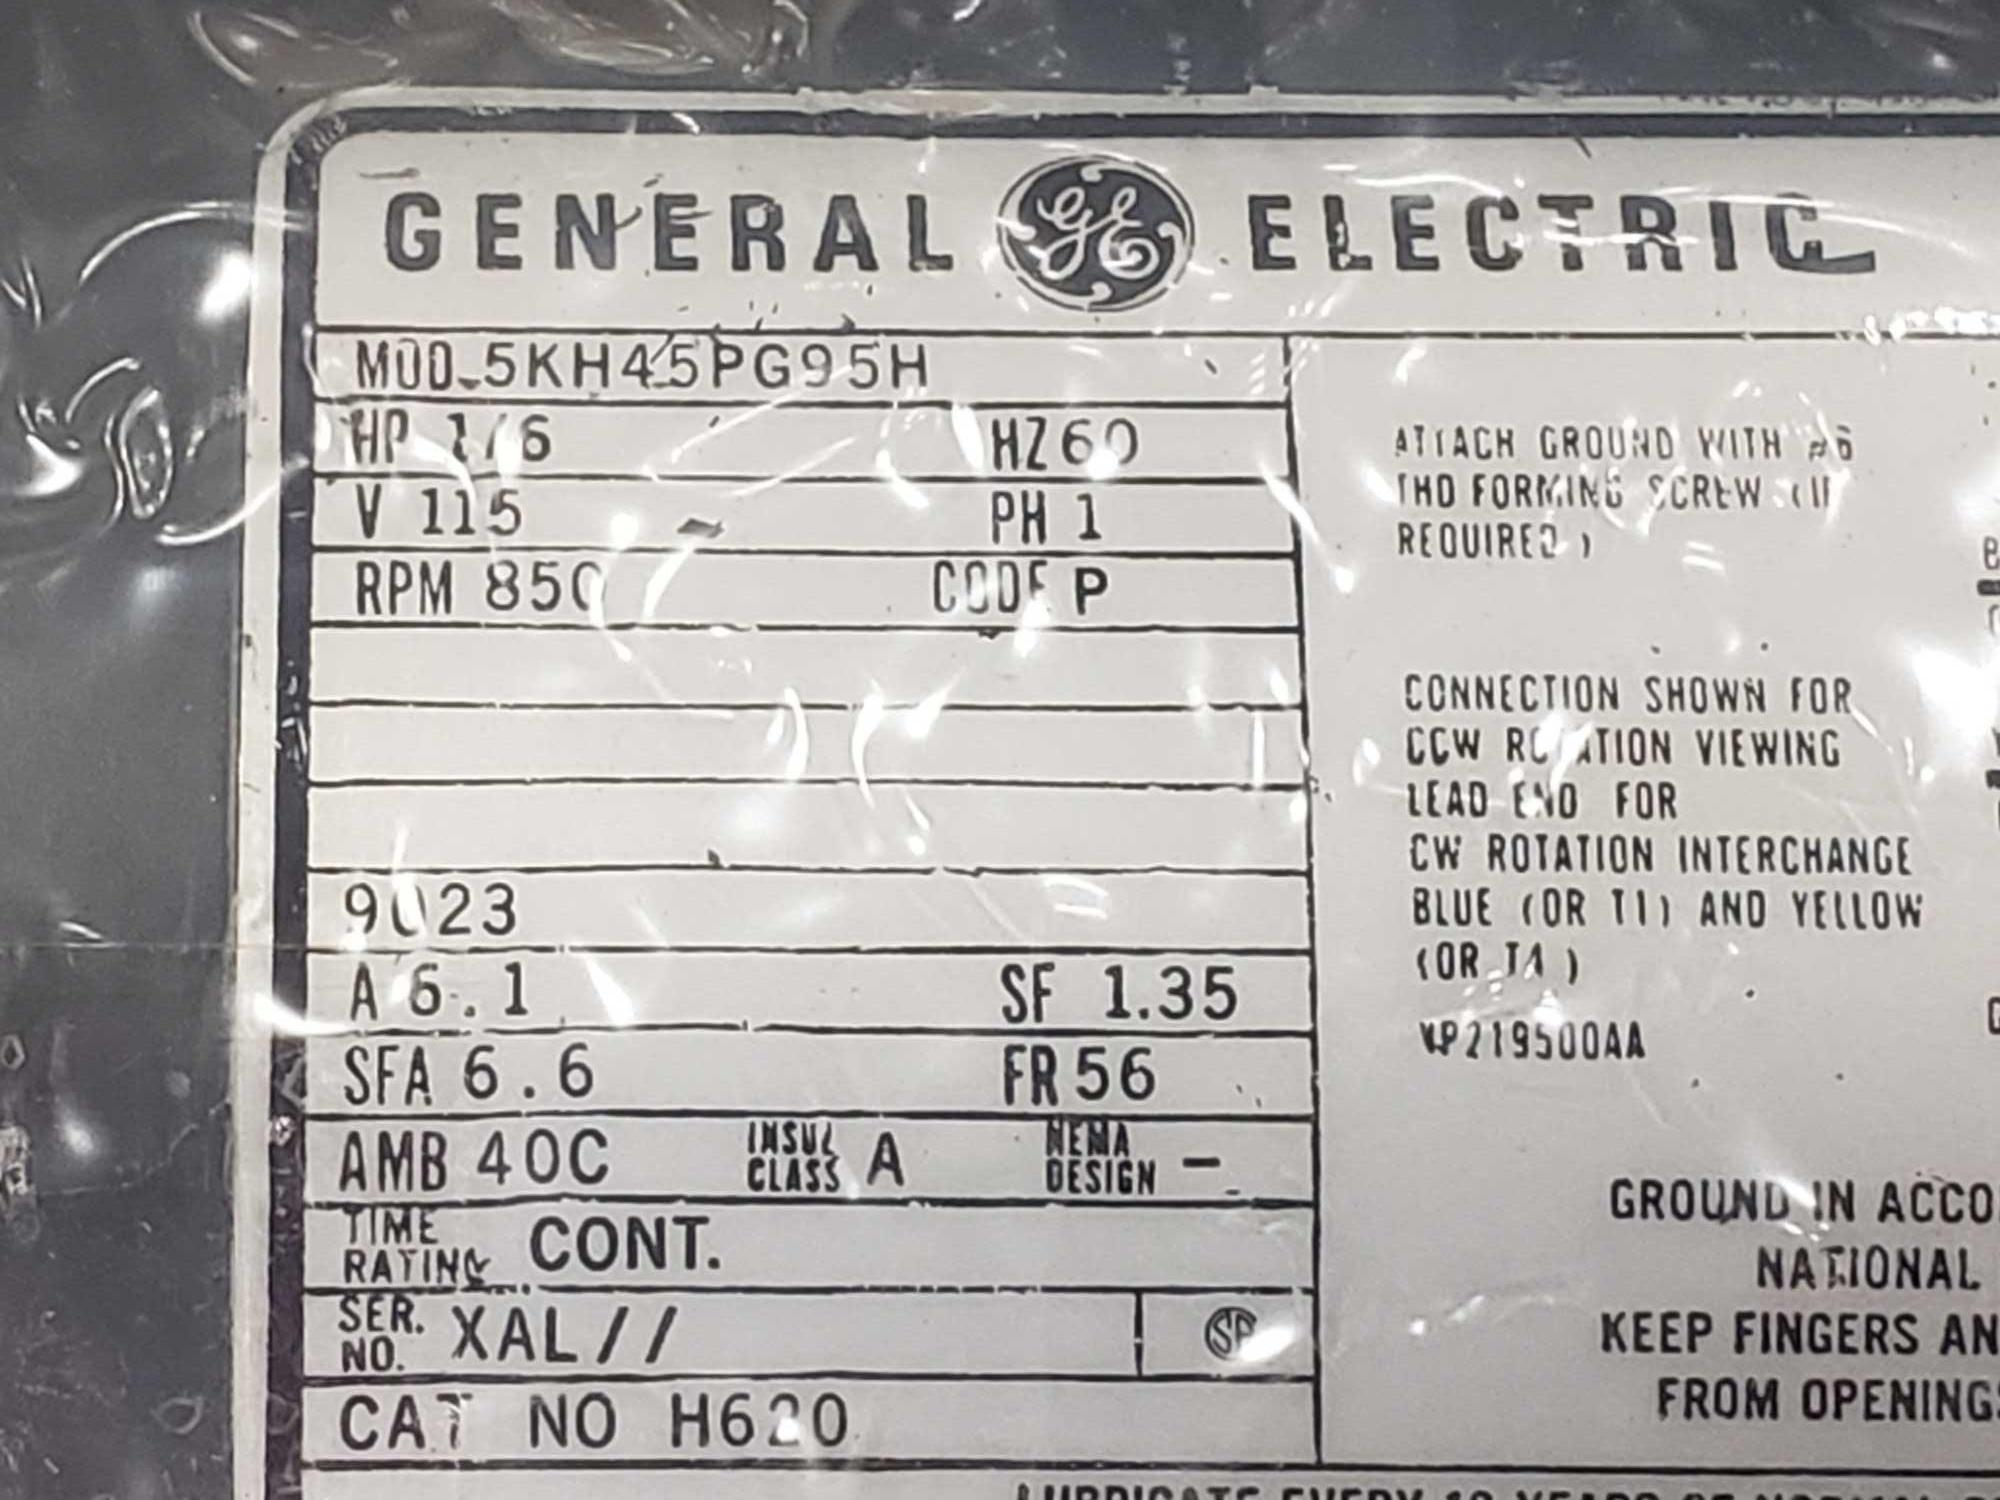 1/6hp GE model 5HK45PG95H motor. 115v single phase, 850rpm. New in box. - Image 2 of 2